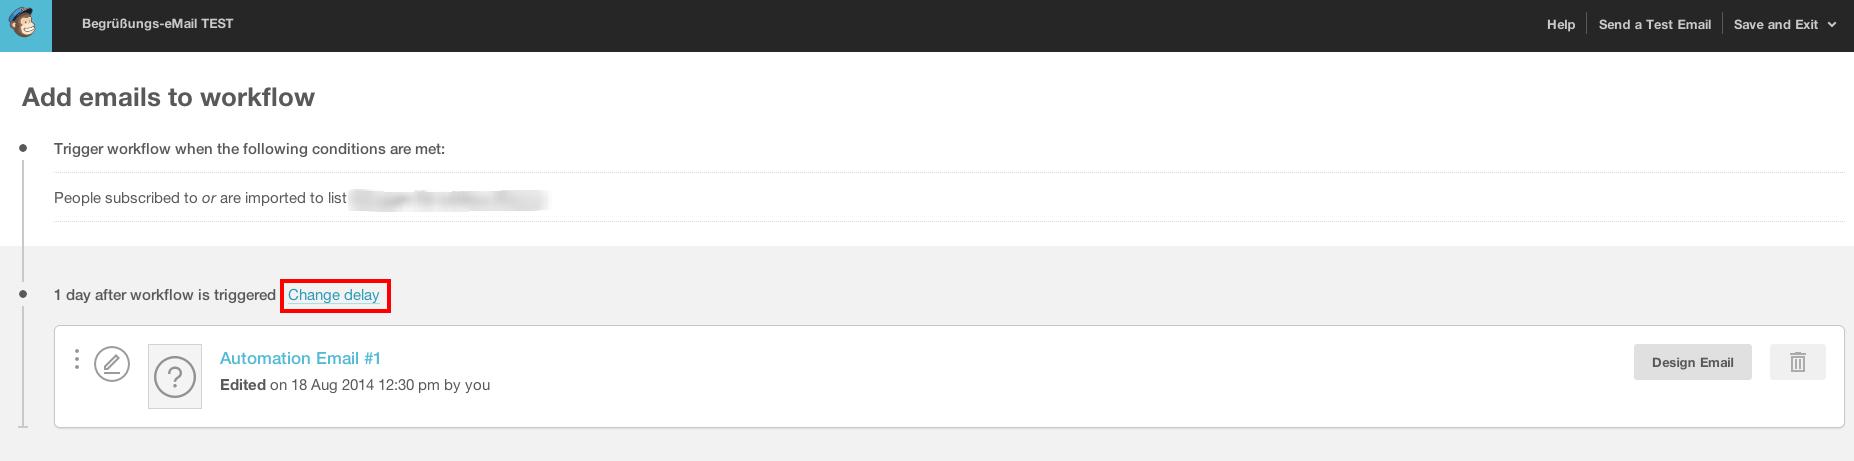 Screenshot vom Menüpunkt Change Delay in Mailchimp